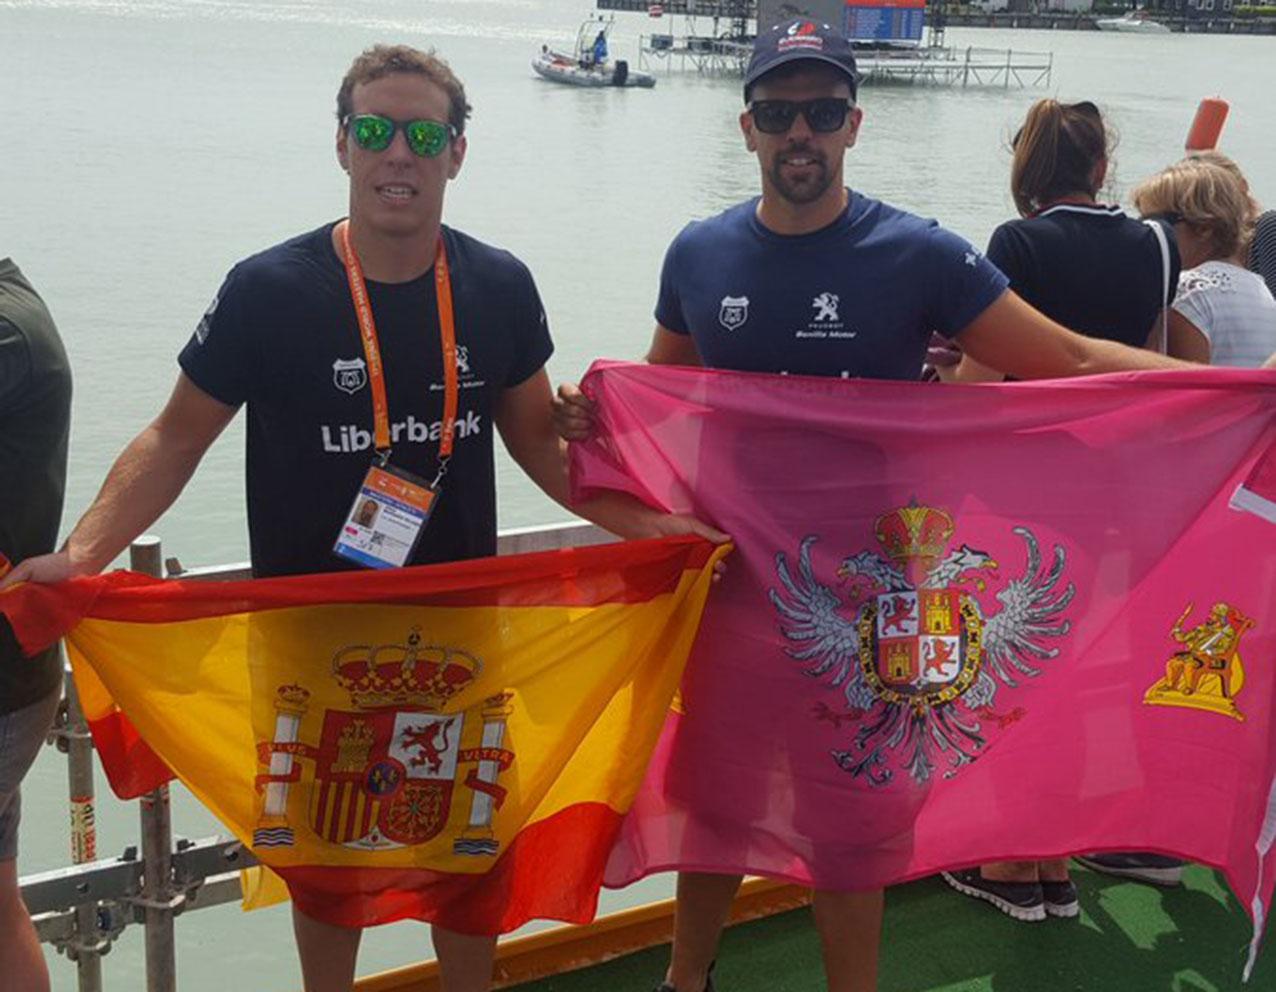 Jaime Marqués y Javier Cáceres, alegres tras el éxito conseguido